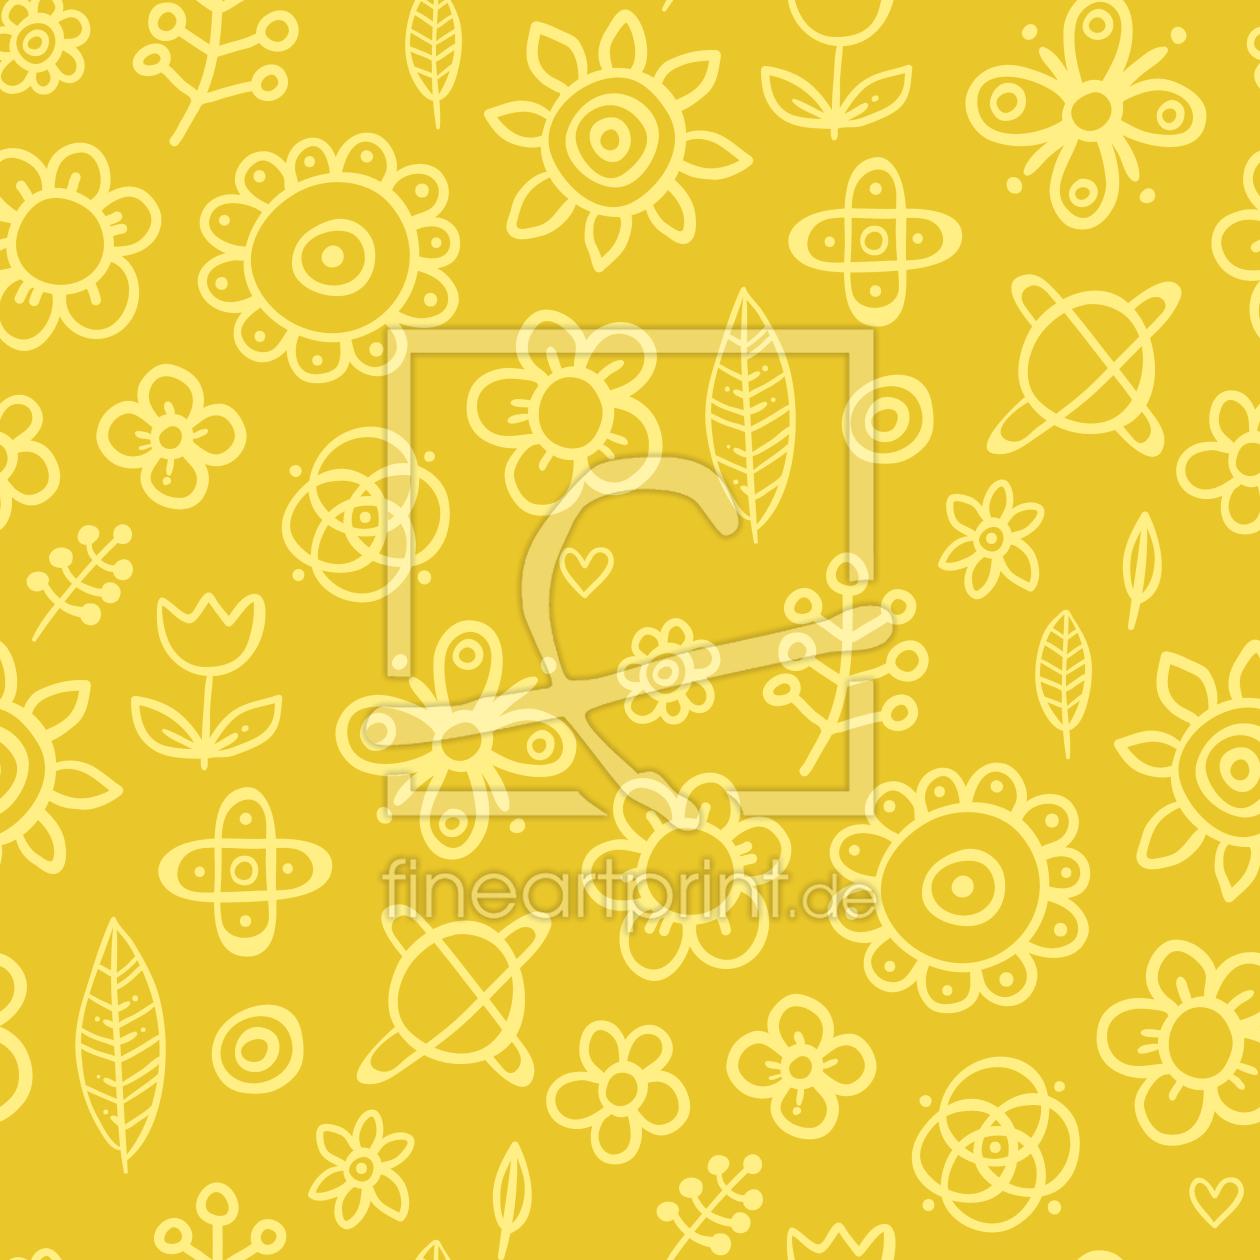 florale zeichnungen als poster drucken lassen 9009462. Black Bedroom Furniture Sets. Home Design Ideas